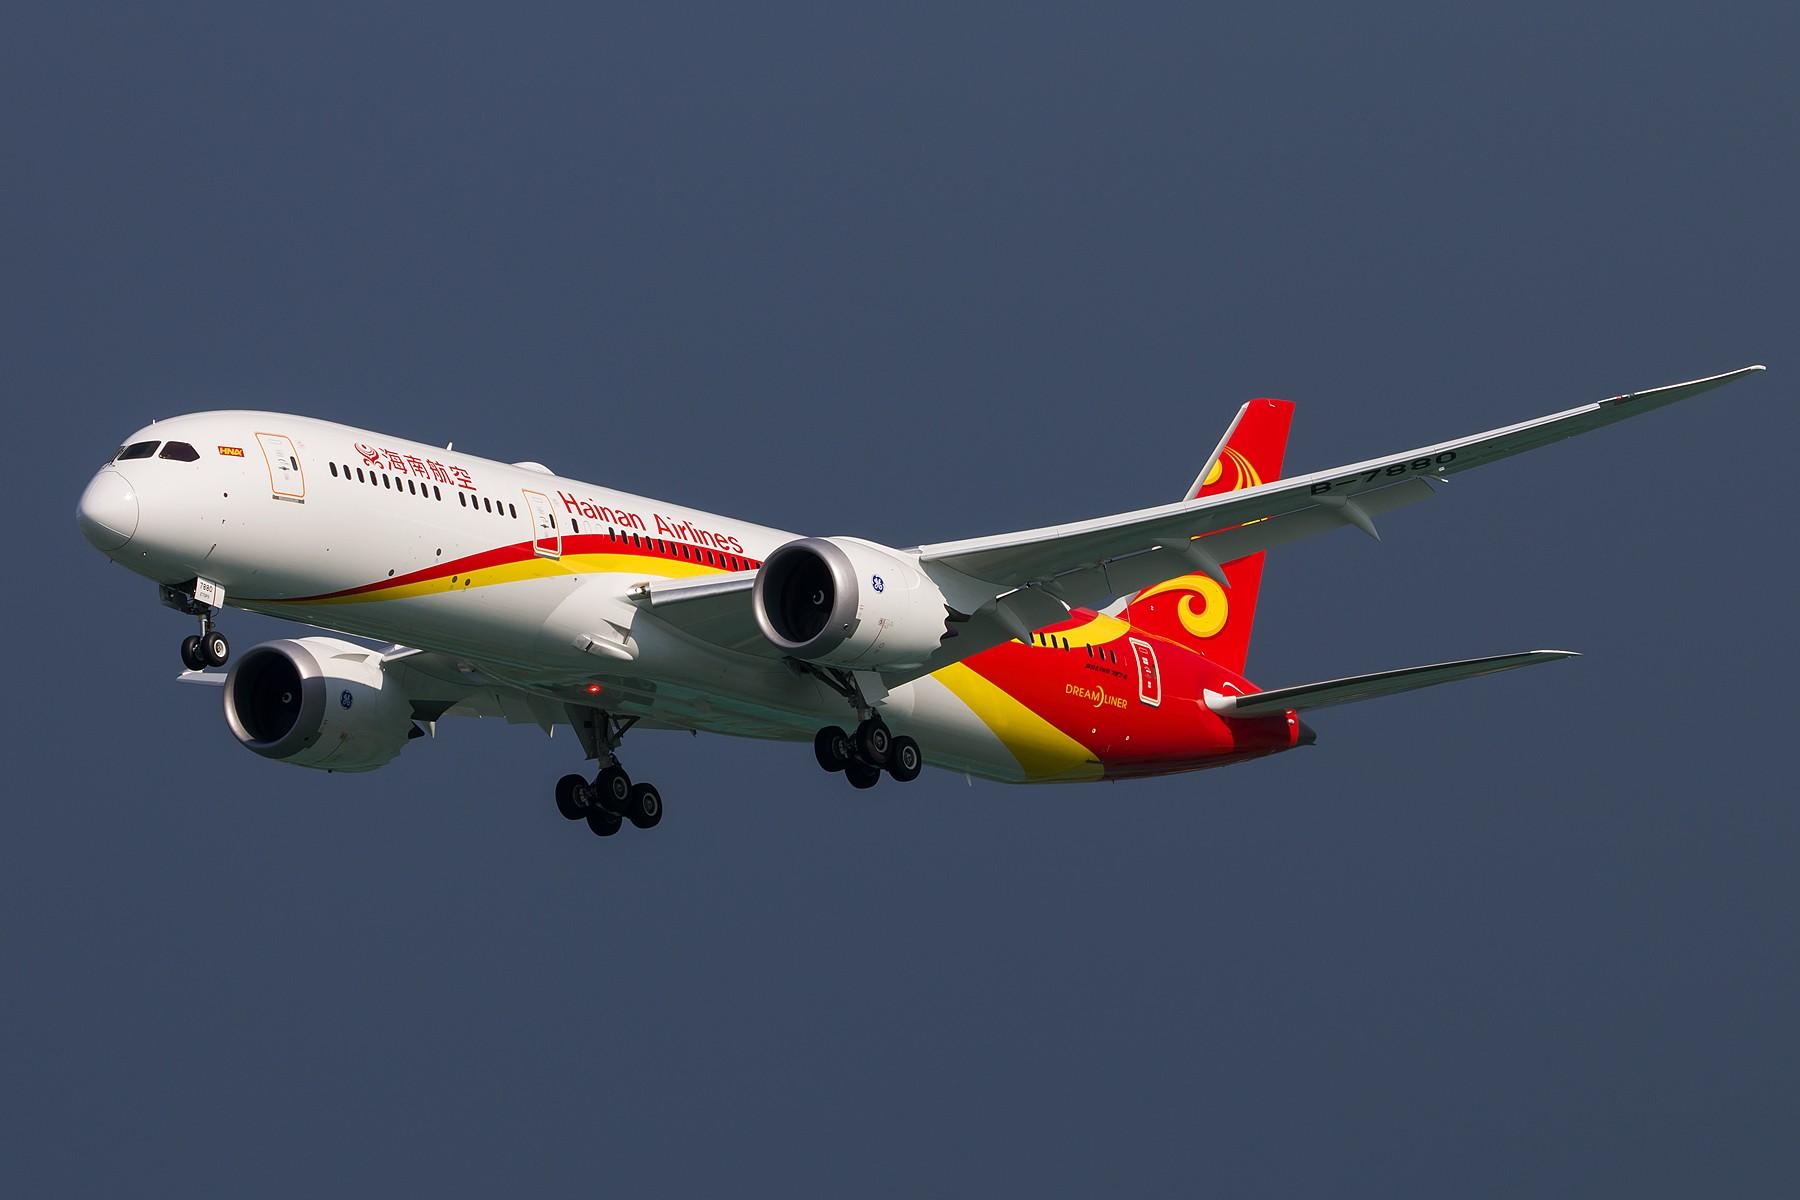 [原创]海南航空首架B787-9 Dreamliner B-7880 三连拍 1800*1200 BOEING 787-9 B-7880 中国北京首都国际机场